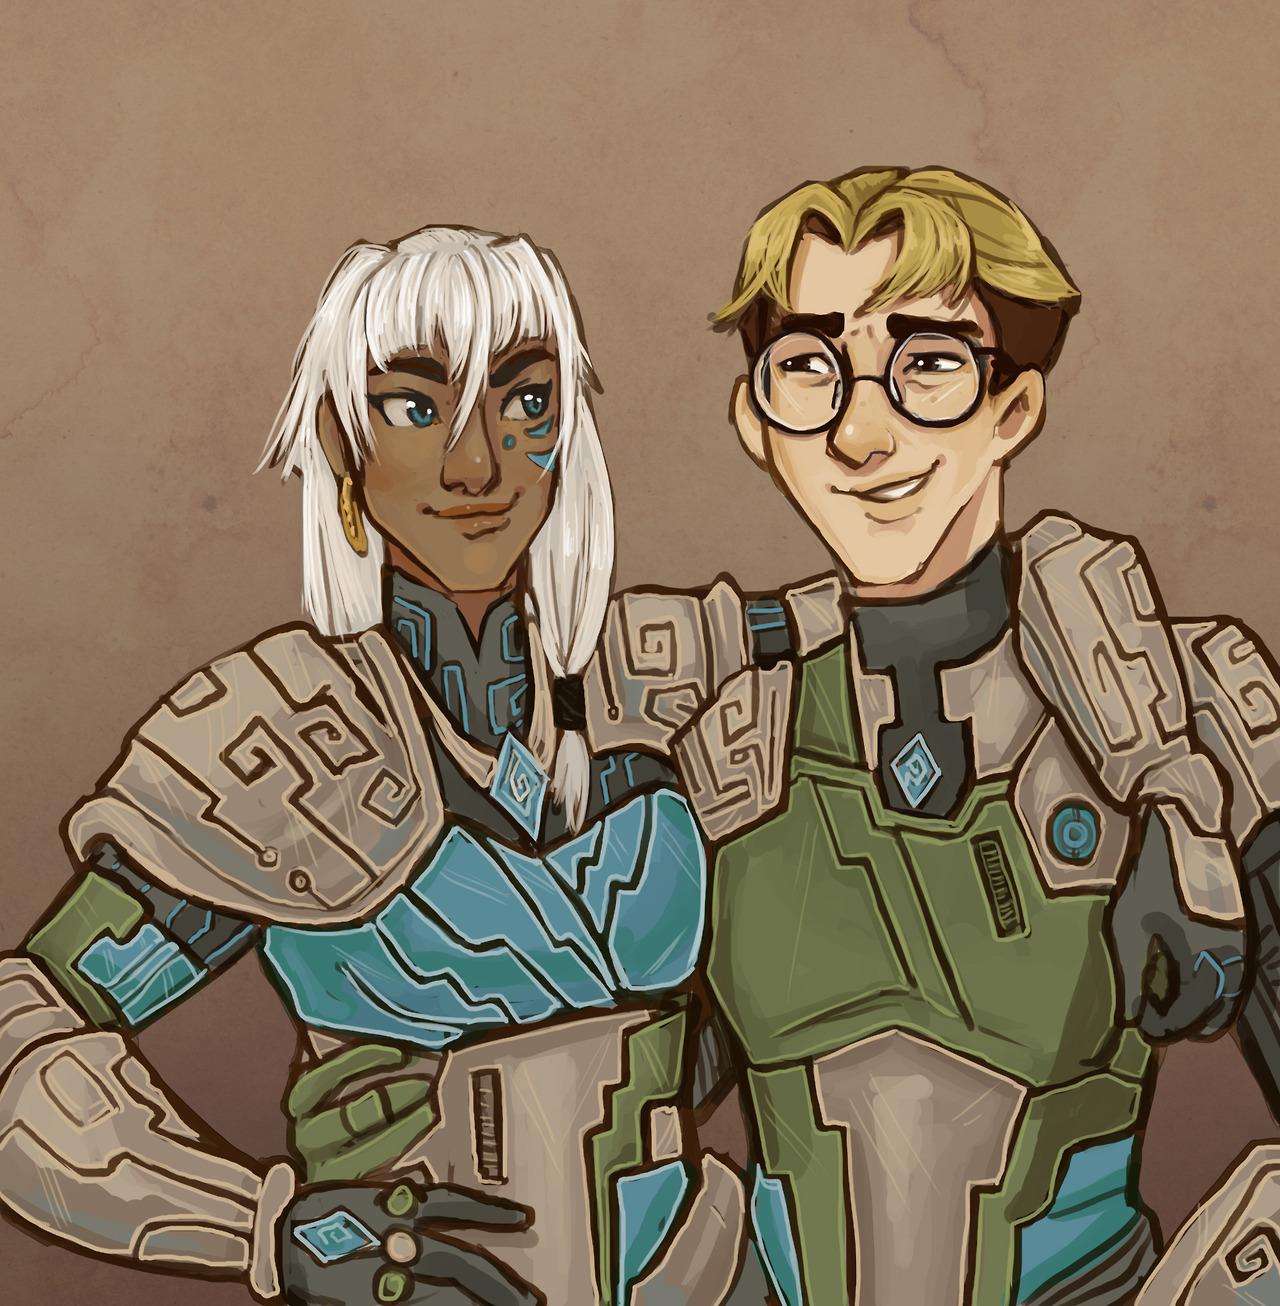 Kida and Milo, Shepherd's Crystal